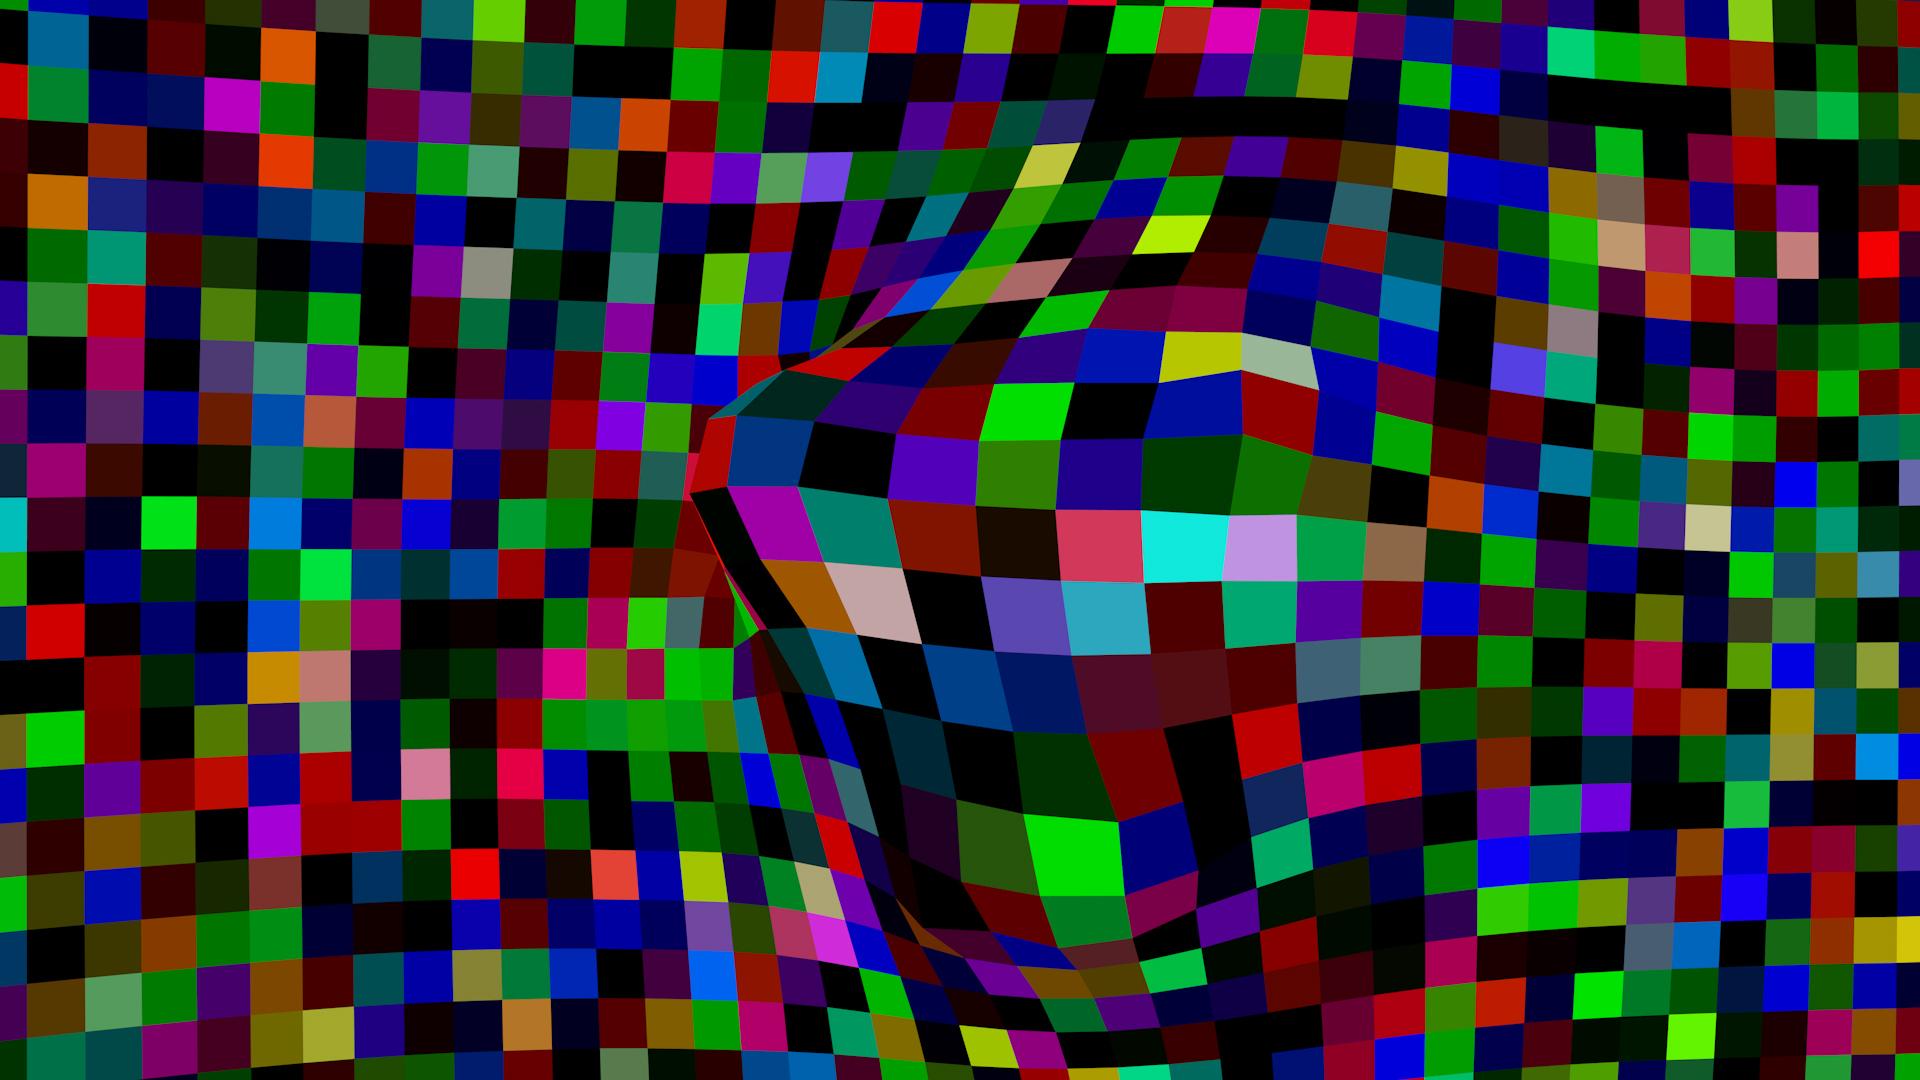 Short_Abstract_4.jpg